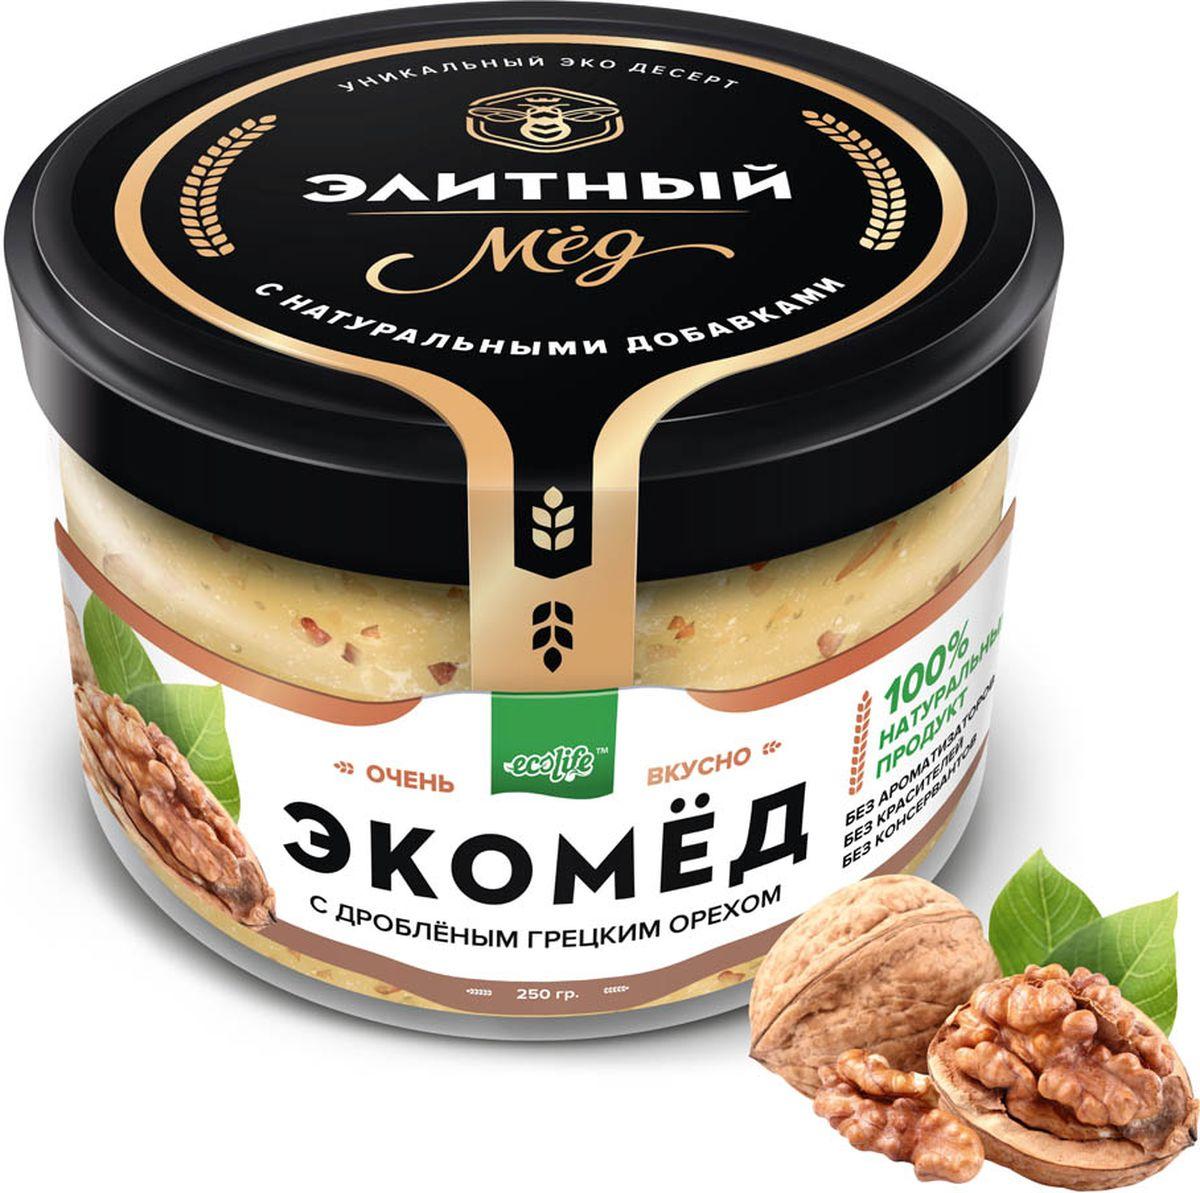 Ecolife Экомед с грецким орехом, 250 г экопродукт грузди в сметанном соусе тм экопродукт 340 г